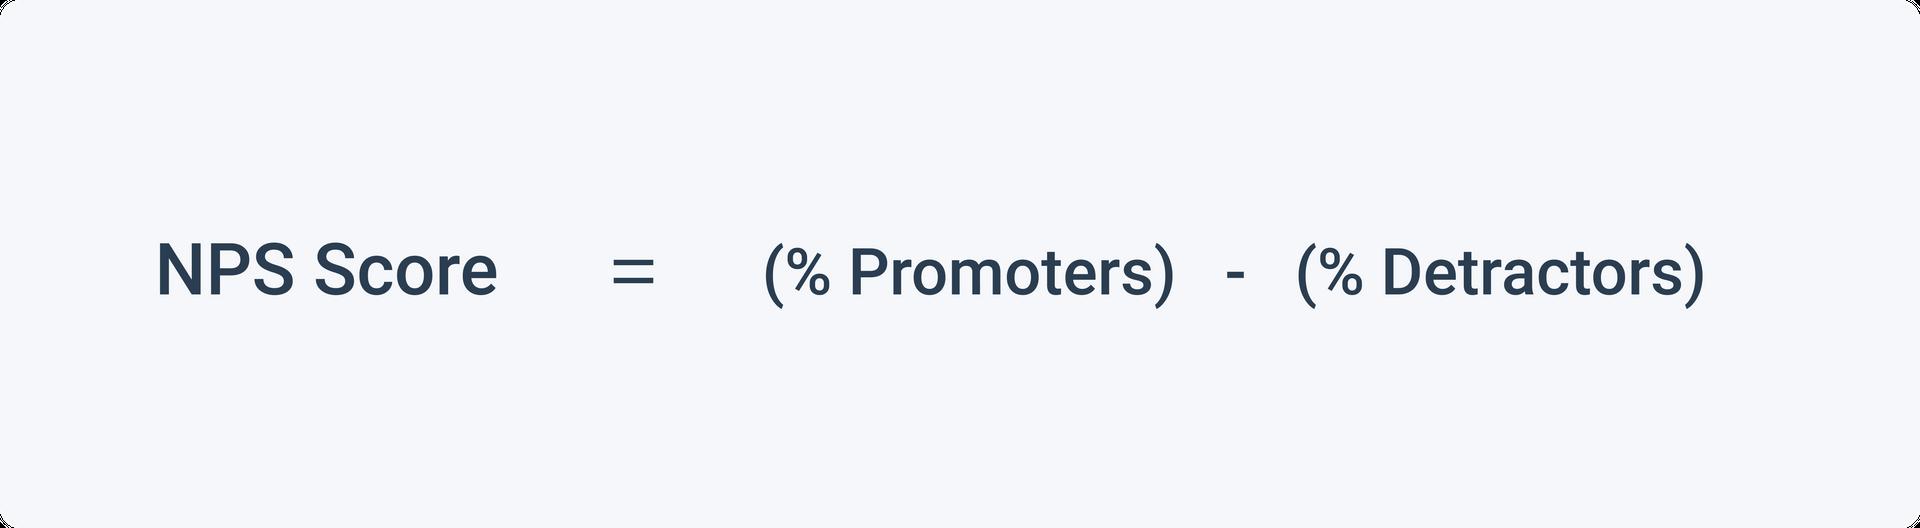 NPS formula: (% Promoters) - (% Detractors) = NPS